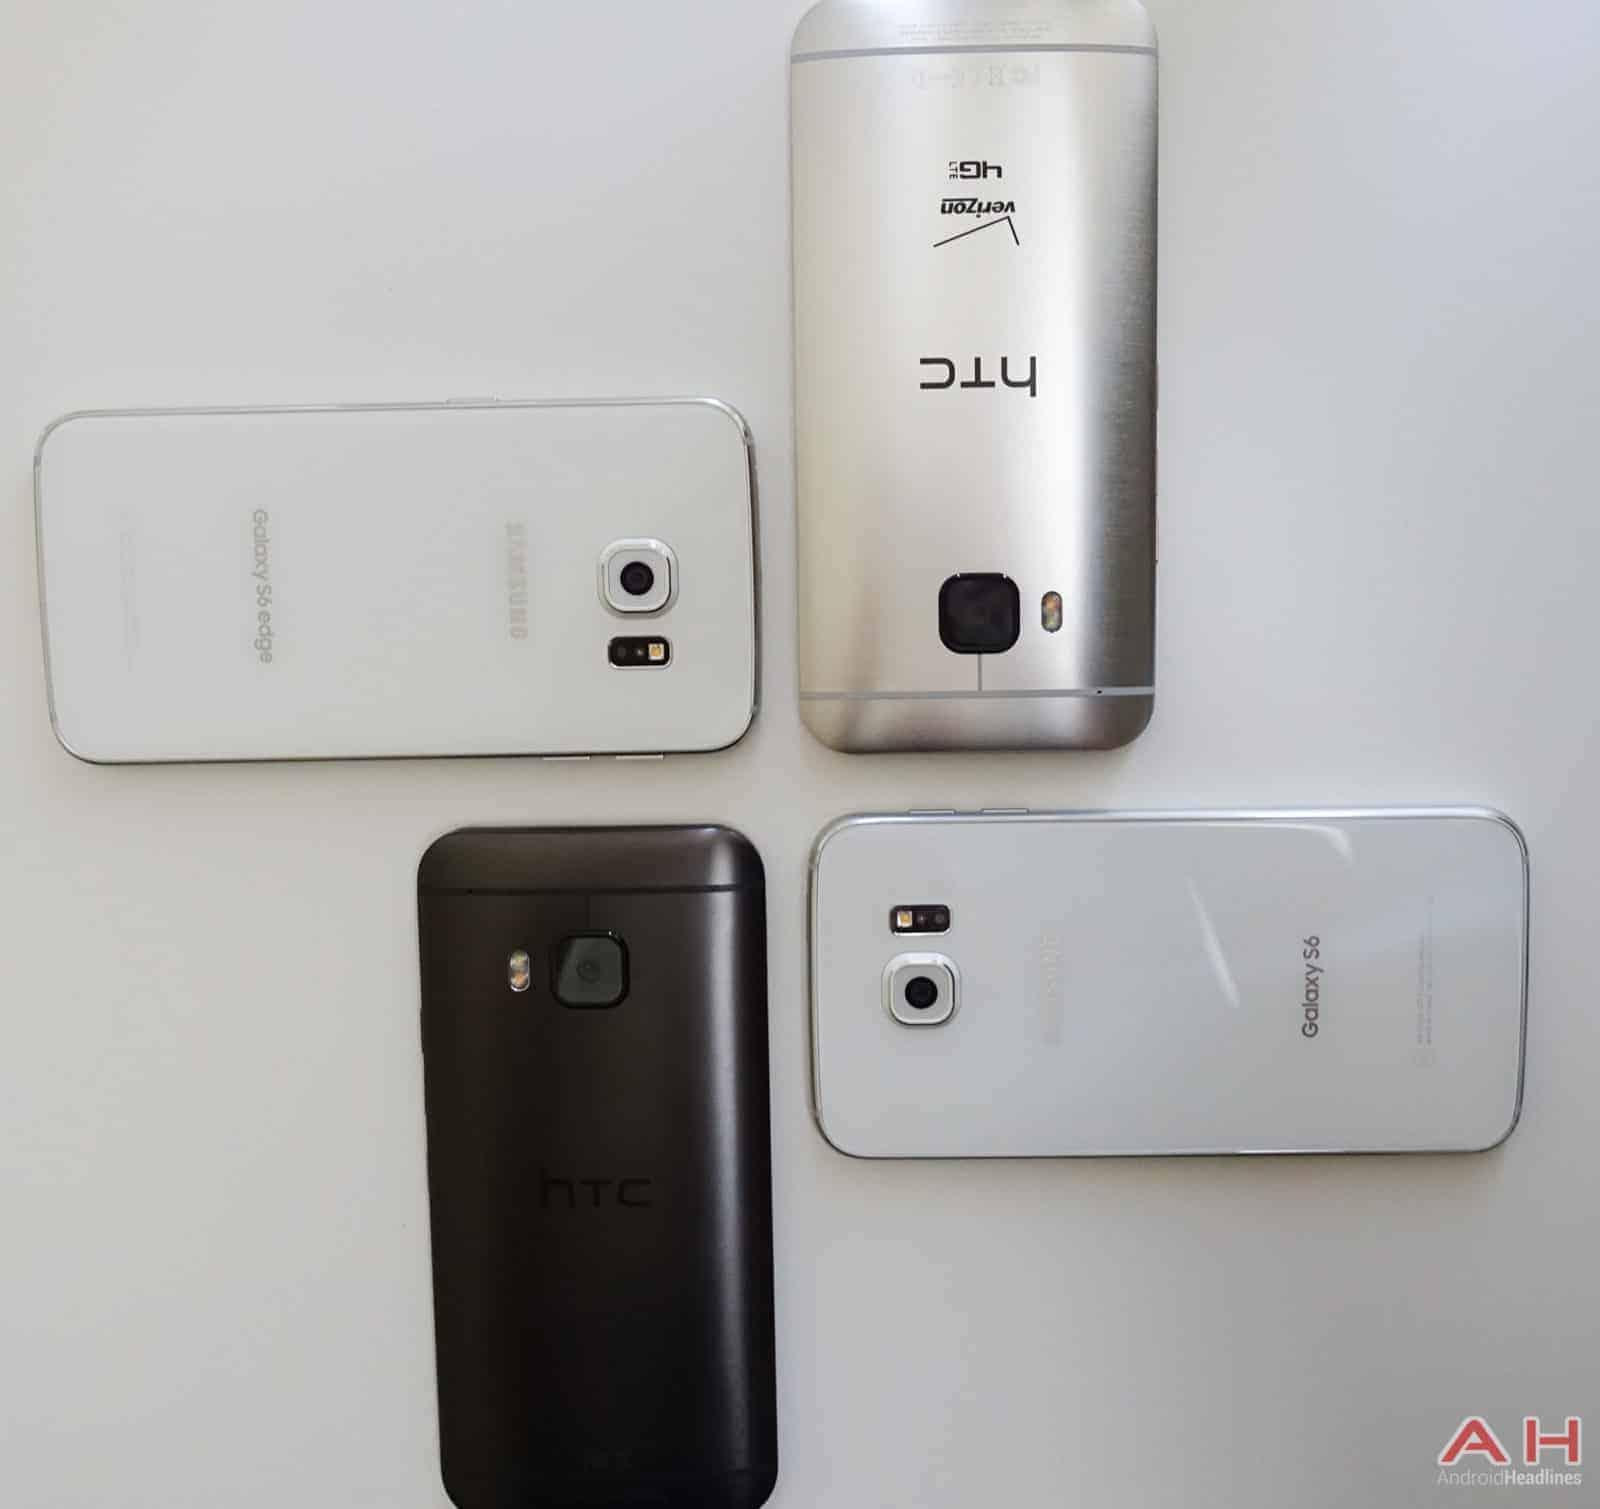 HTC-One-M9-Samsung-Galaxy-S6-AH-1